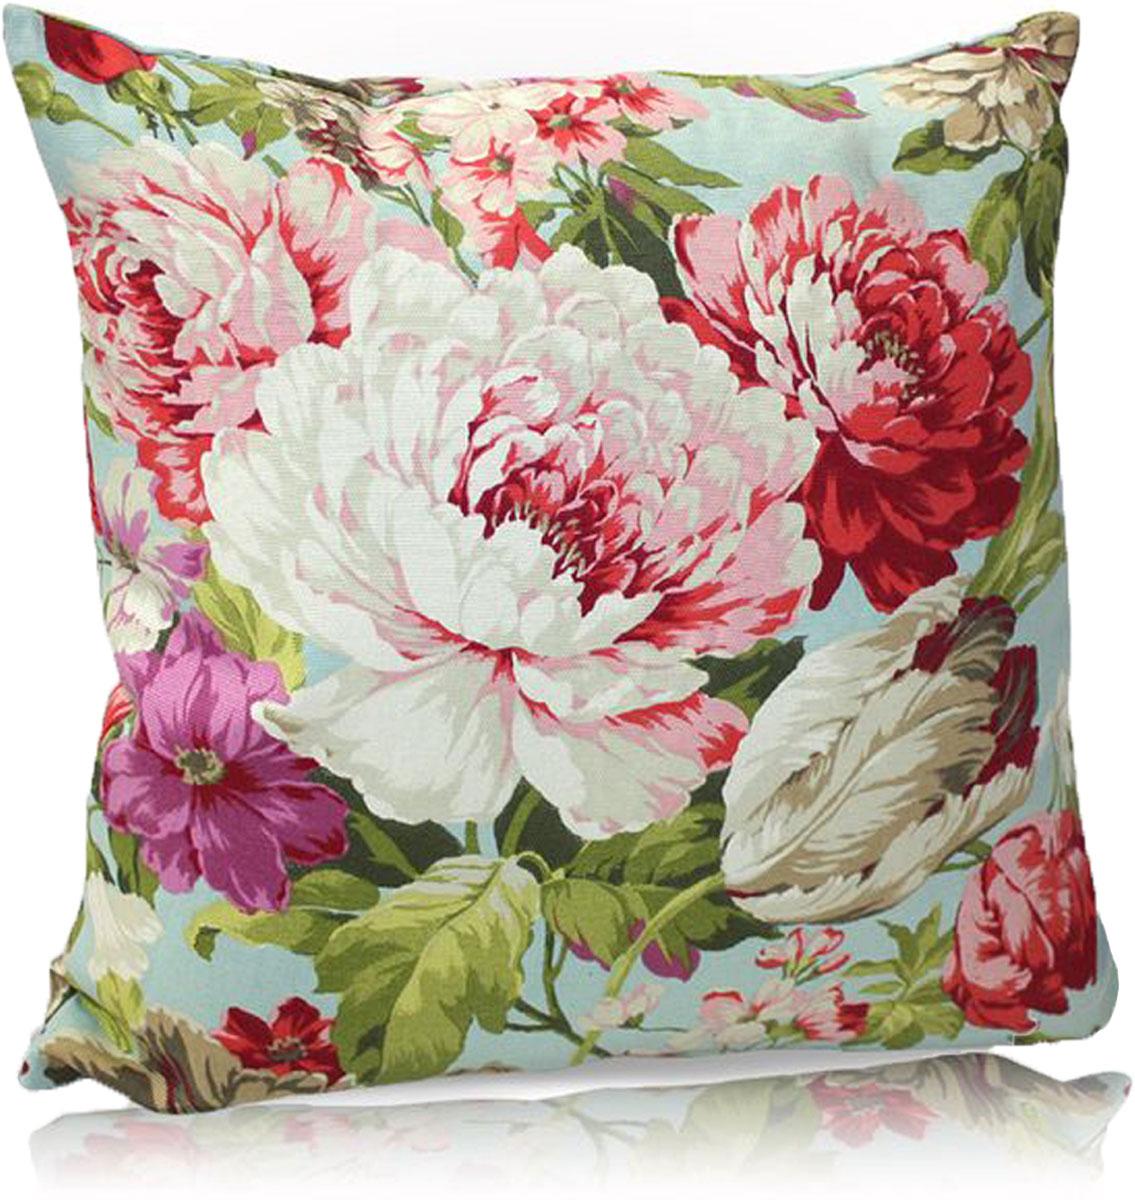 """Декоративная подушка """"KauffOrt """" прекрасно дополнит интерьер спальни или гостиной. Чехол  подушки выполнен из лонеты (54% хлопок, 46% полиэстер). Внутри находится мягкий наполнитель.  Чехол легко снимается  благодаря потайной молнии."""